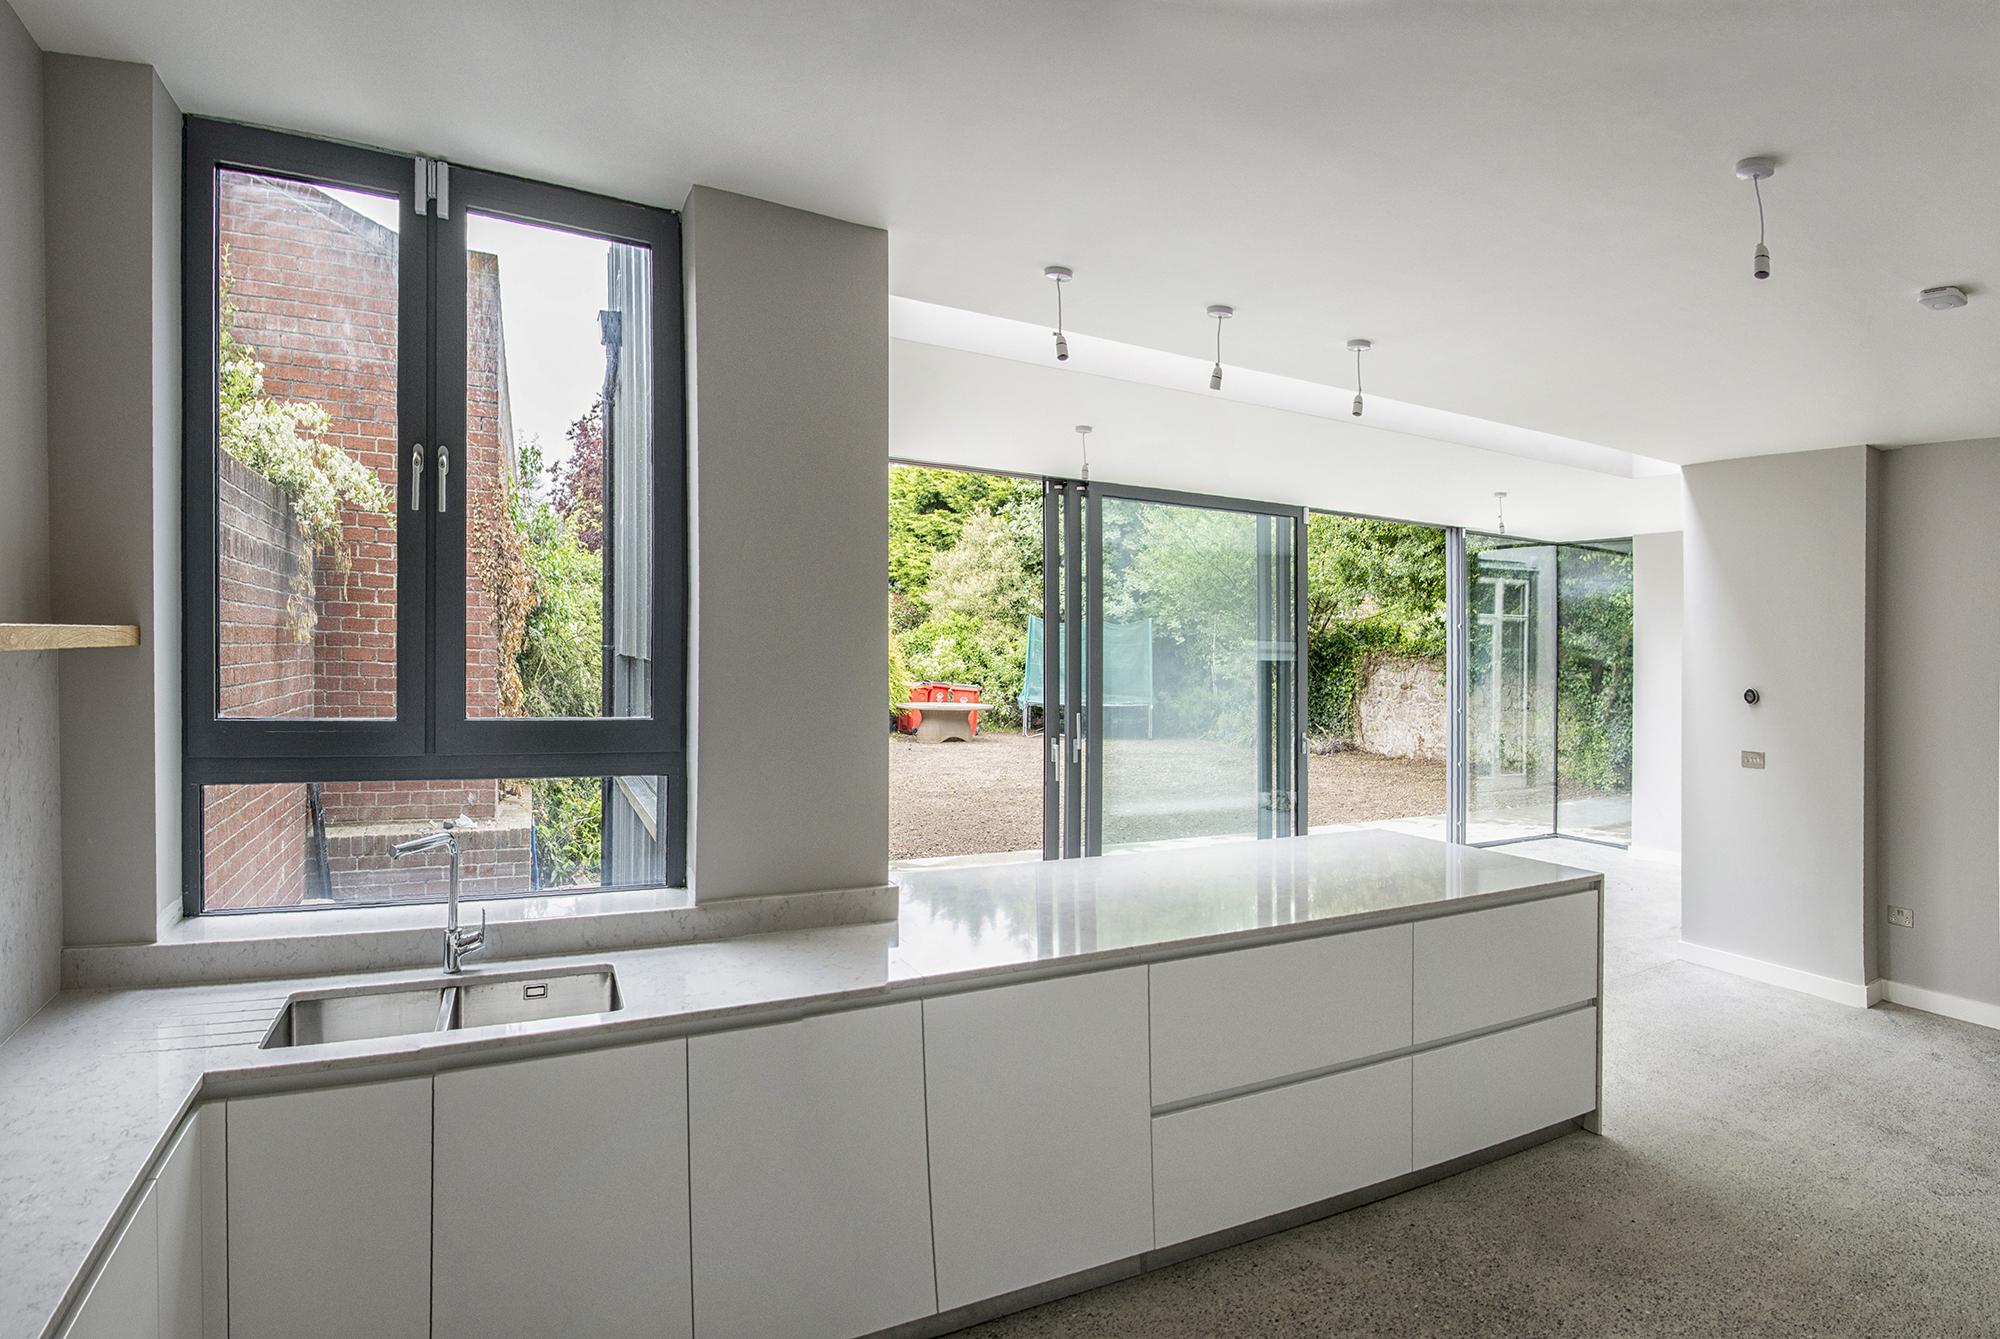 Dartry Kitchen Garden Pano 4.jpg